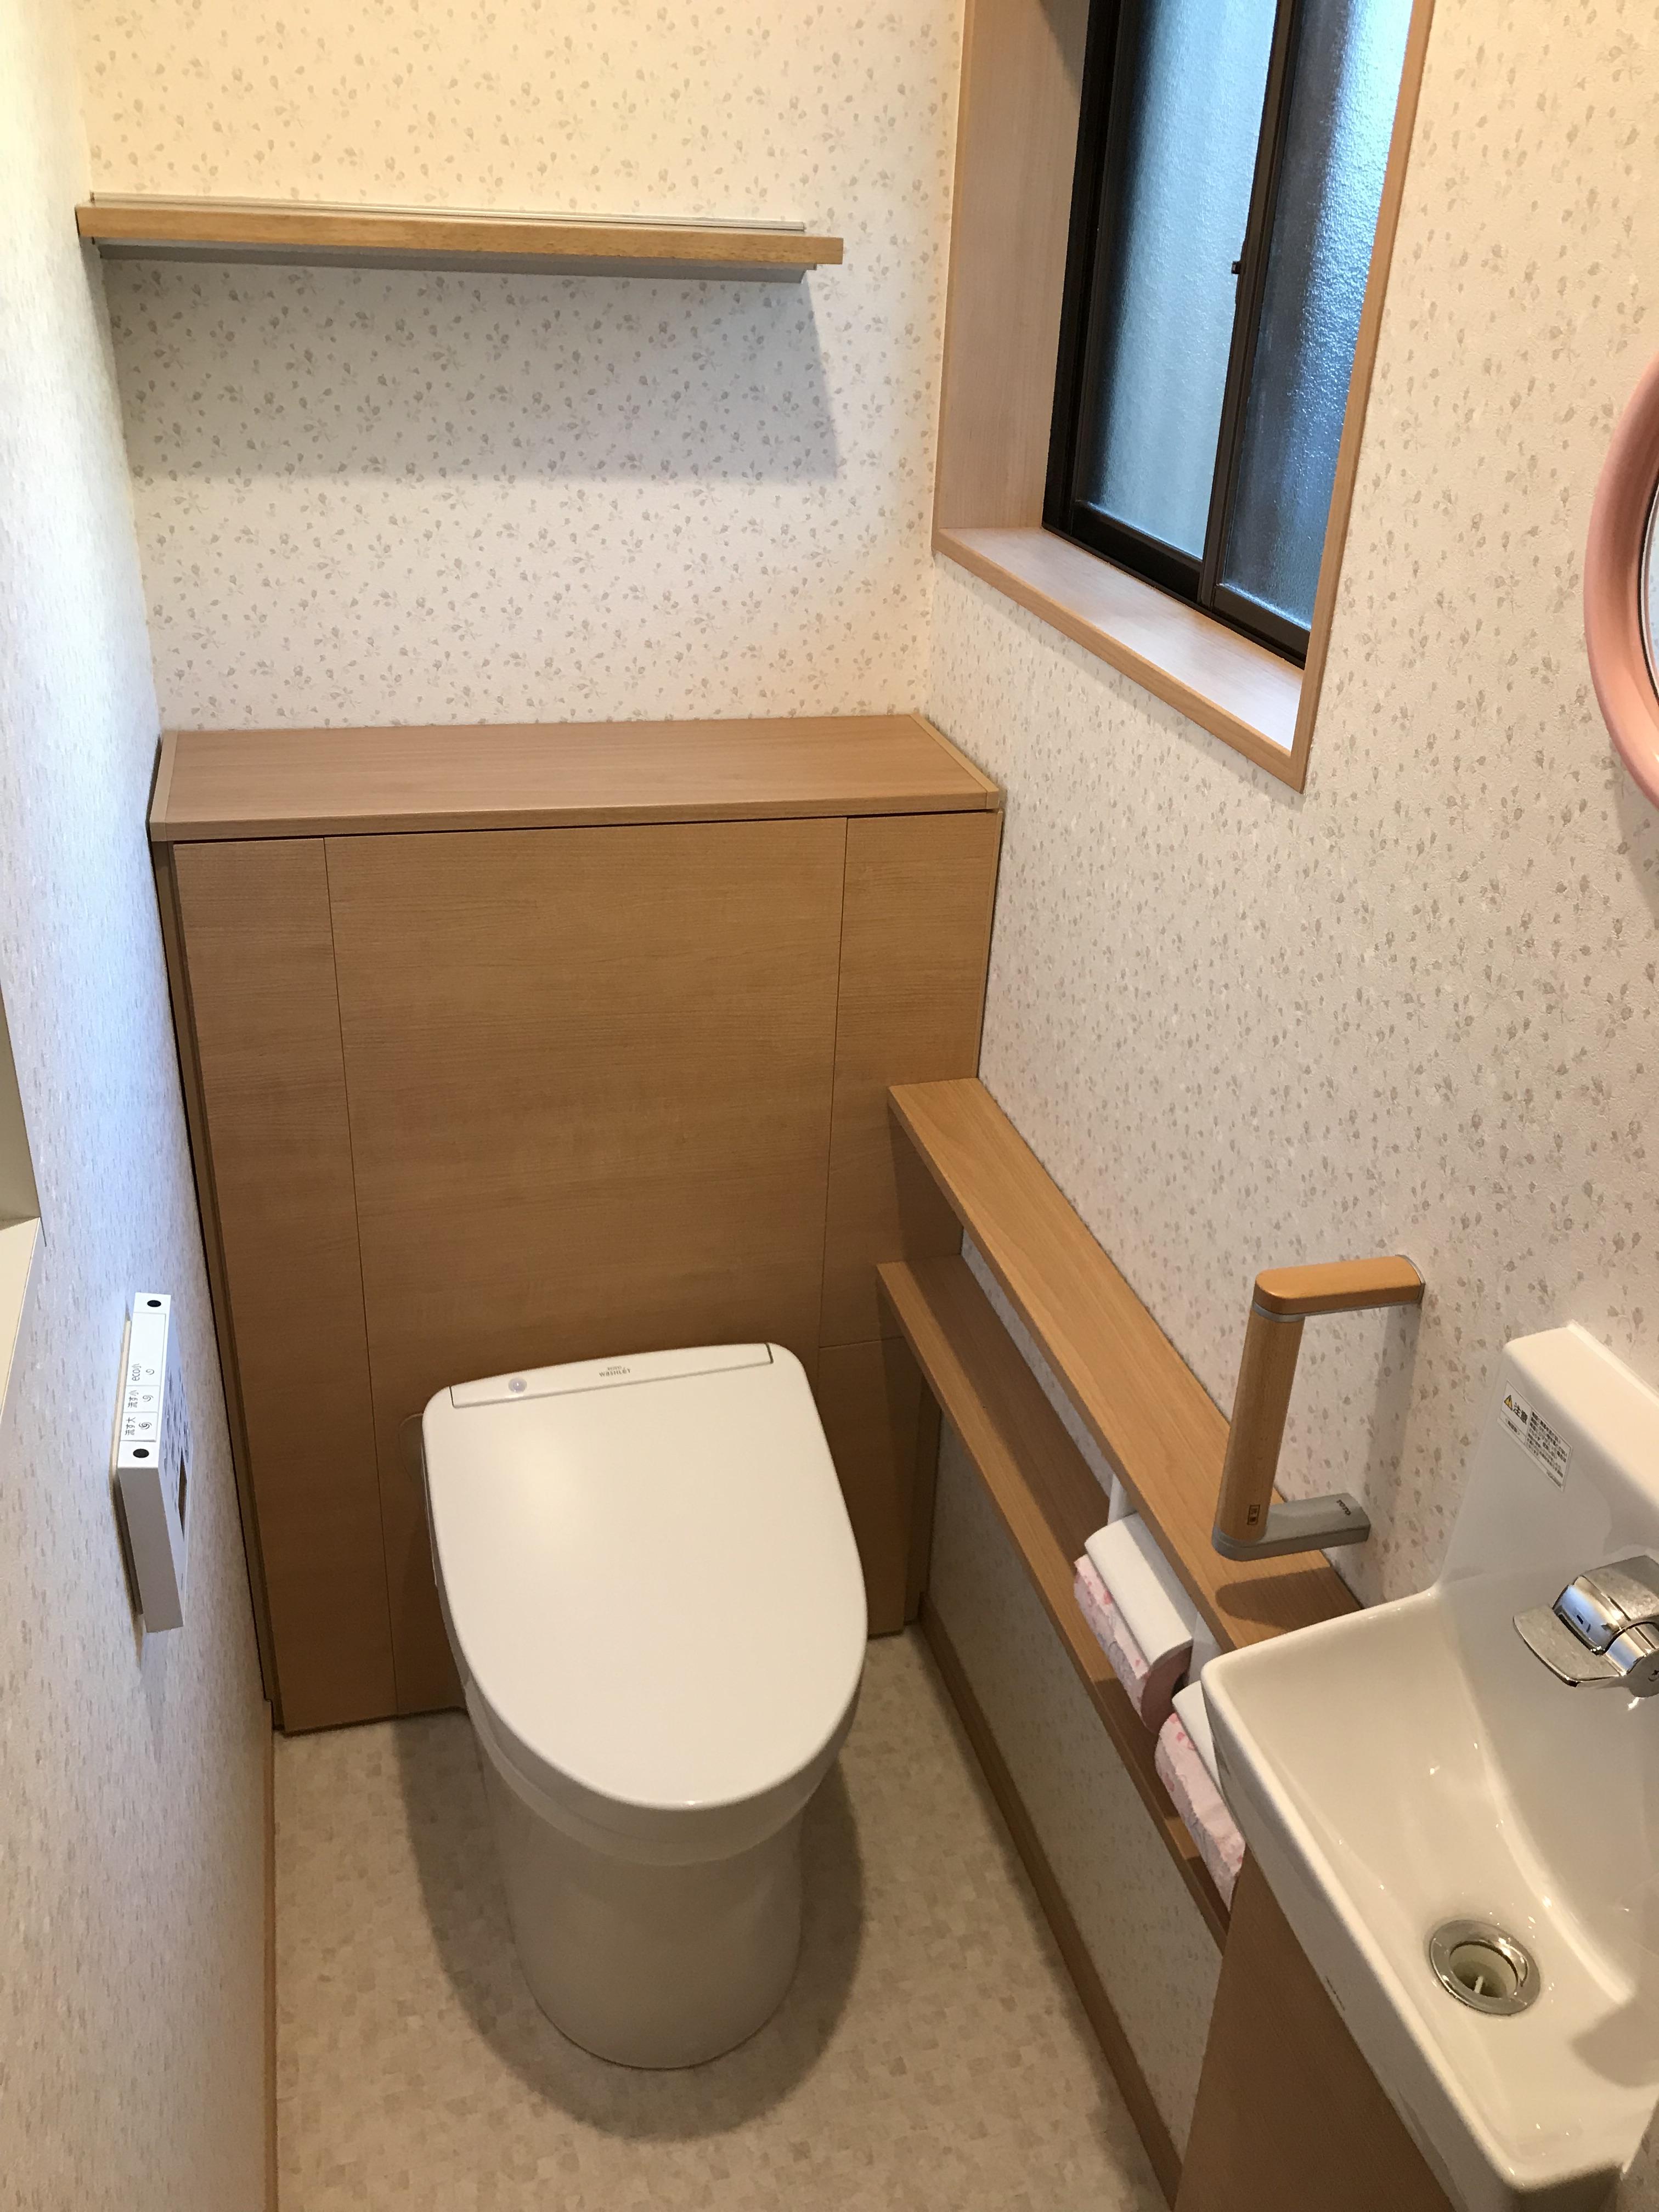 清掃性が高く収能力のあるトイレに